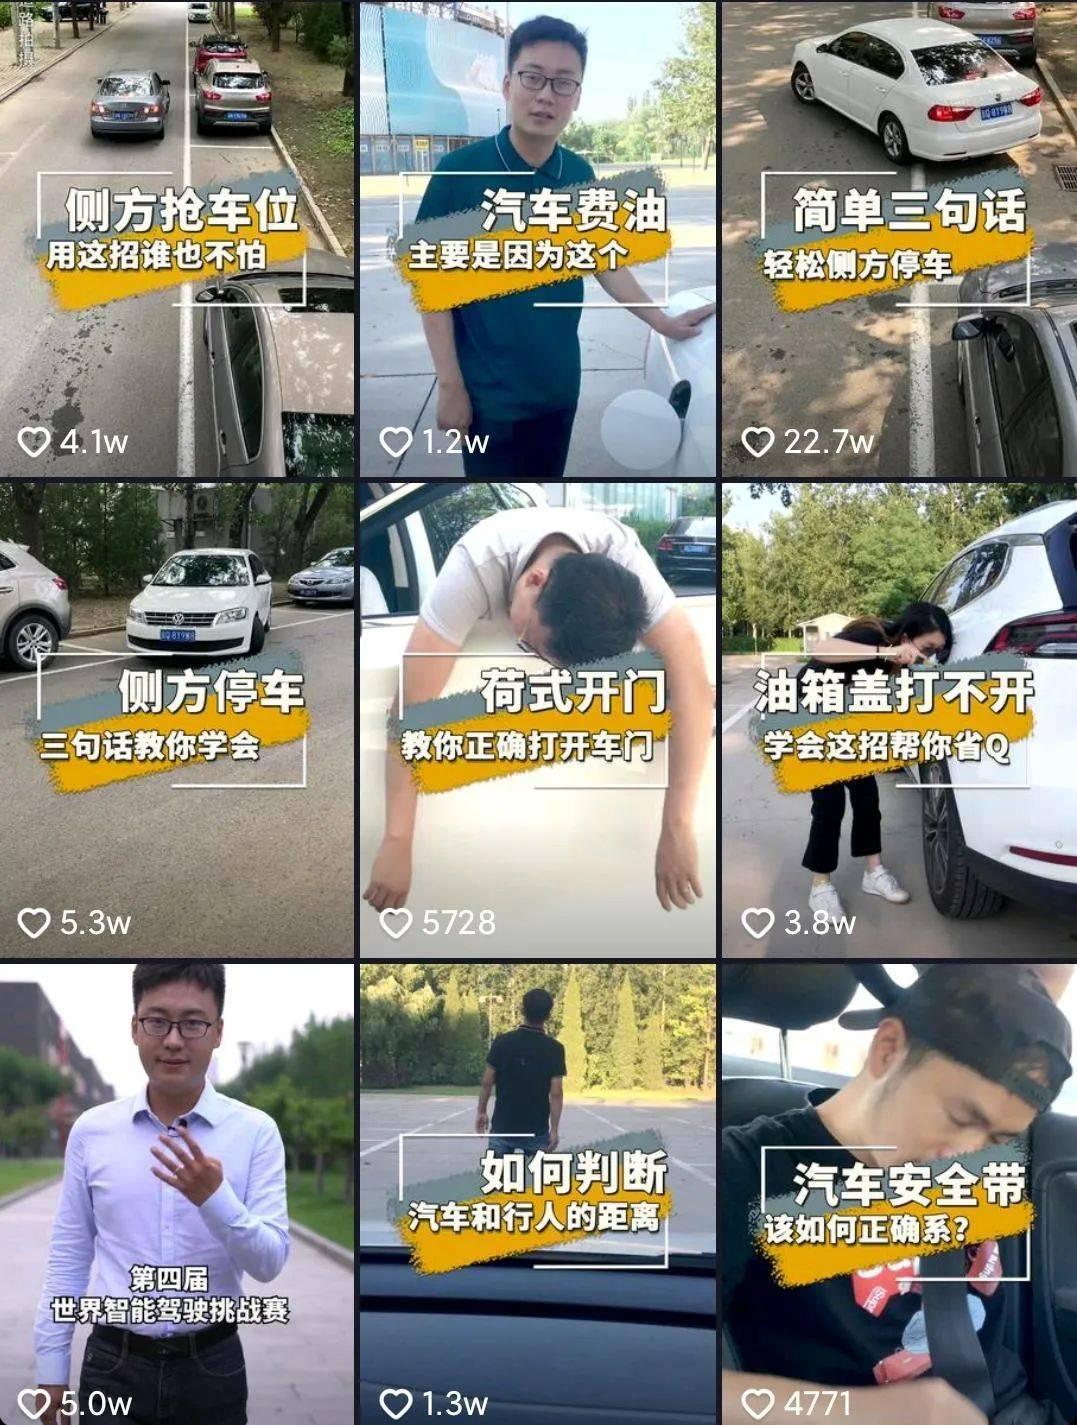 鸟哥笔记,短视频,运营公举小磊磊,视频号,短视频,脚本,脚本,视频,定位